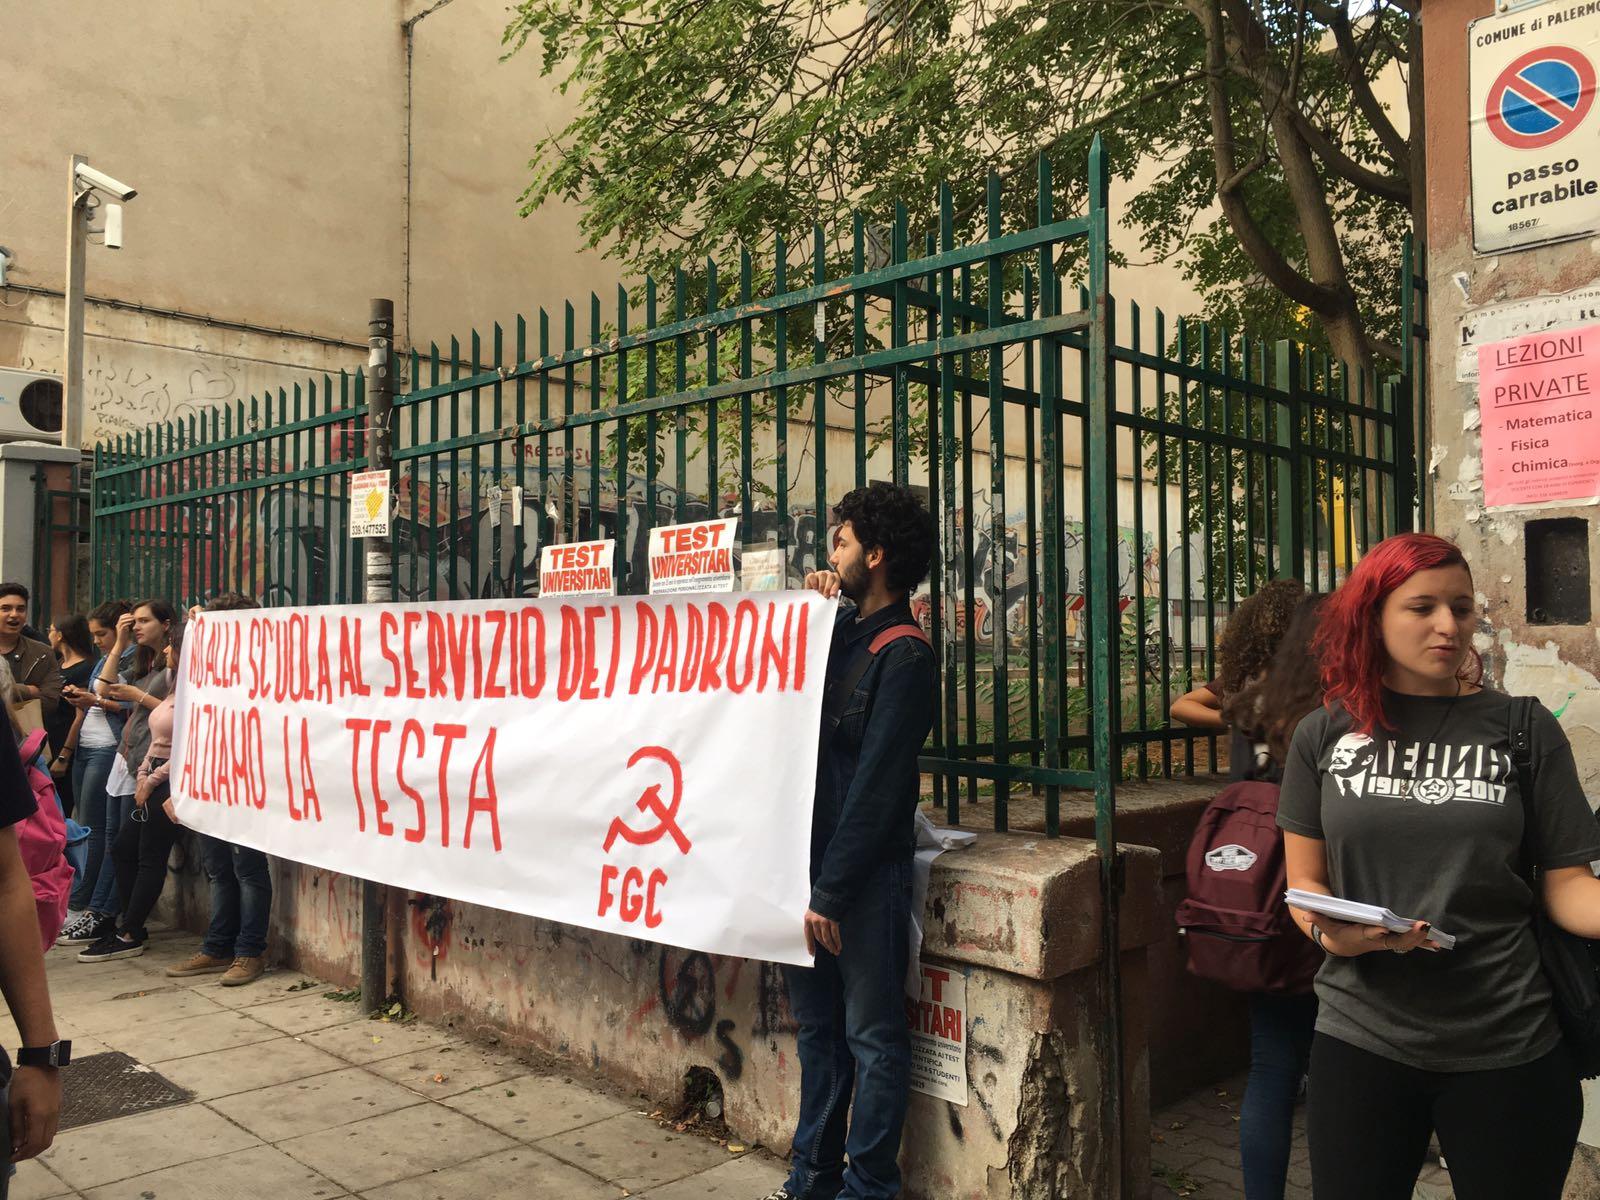 """""""No alla scuola al servizio dei padroni"""", protesta a Palermo"""